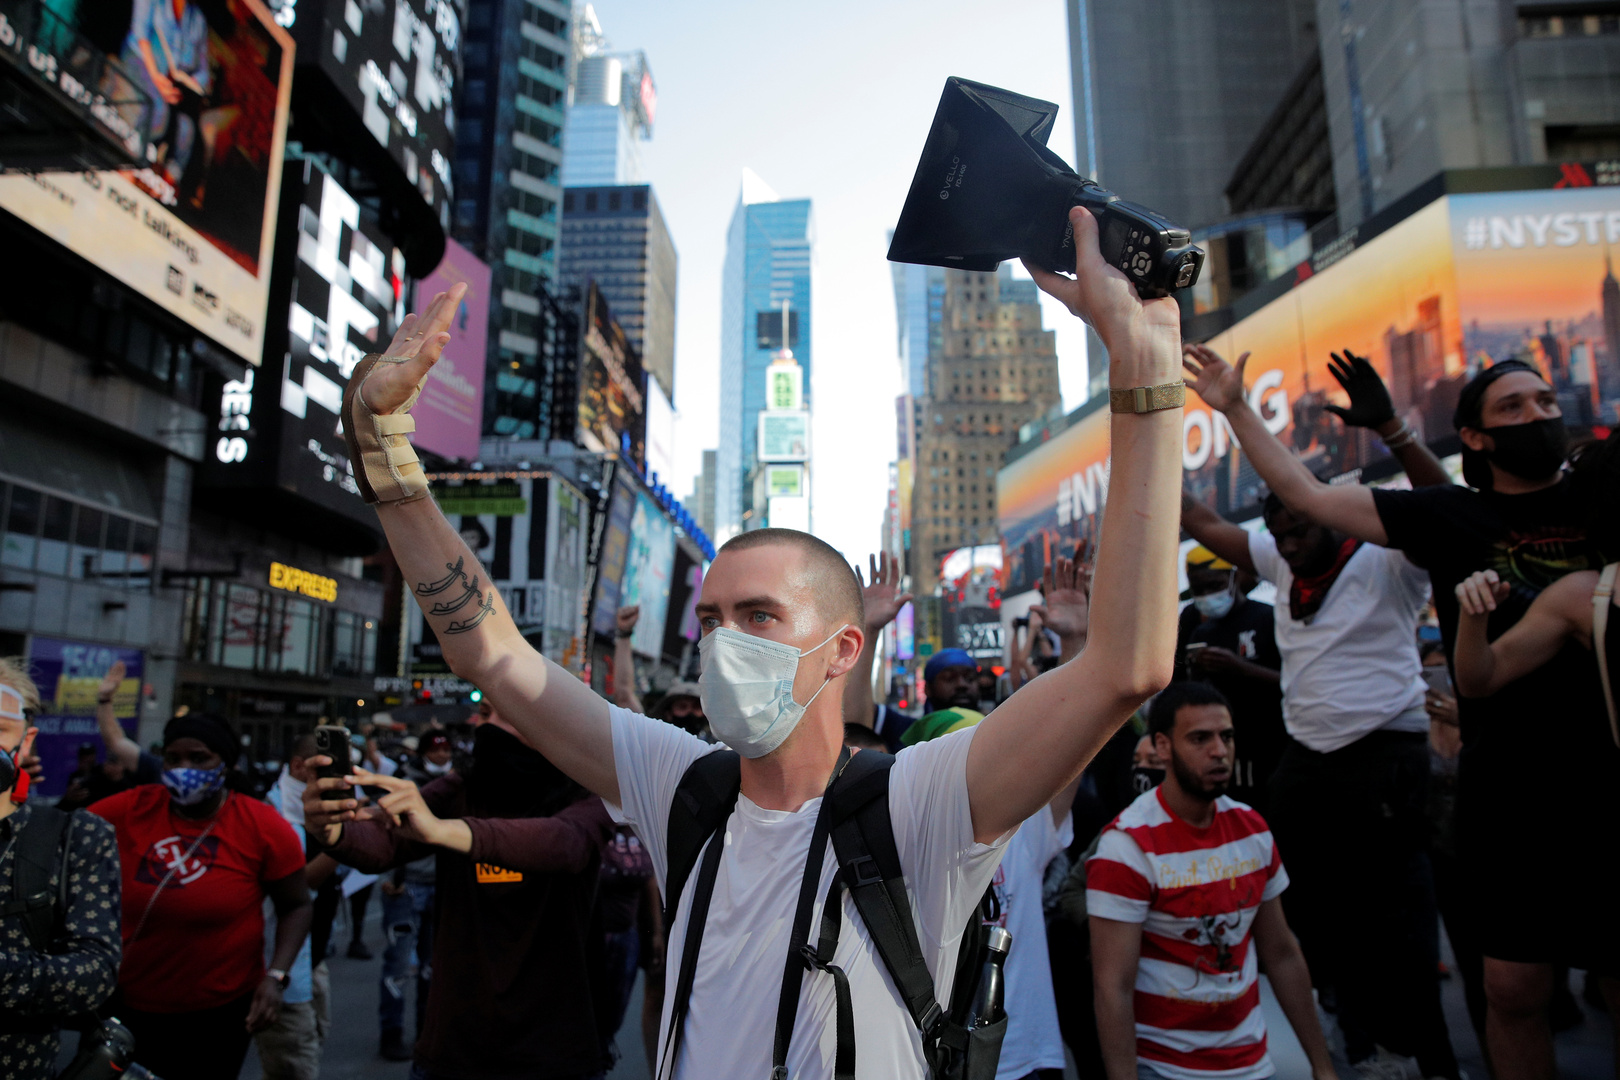 مظاهرة في نيويورك، مساء 30 مايو، بعد مقتل الأمريكي من أصول إفريقية، جورج فلويد، على يد عناصر شرطة في مينيابوليس.